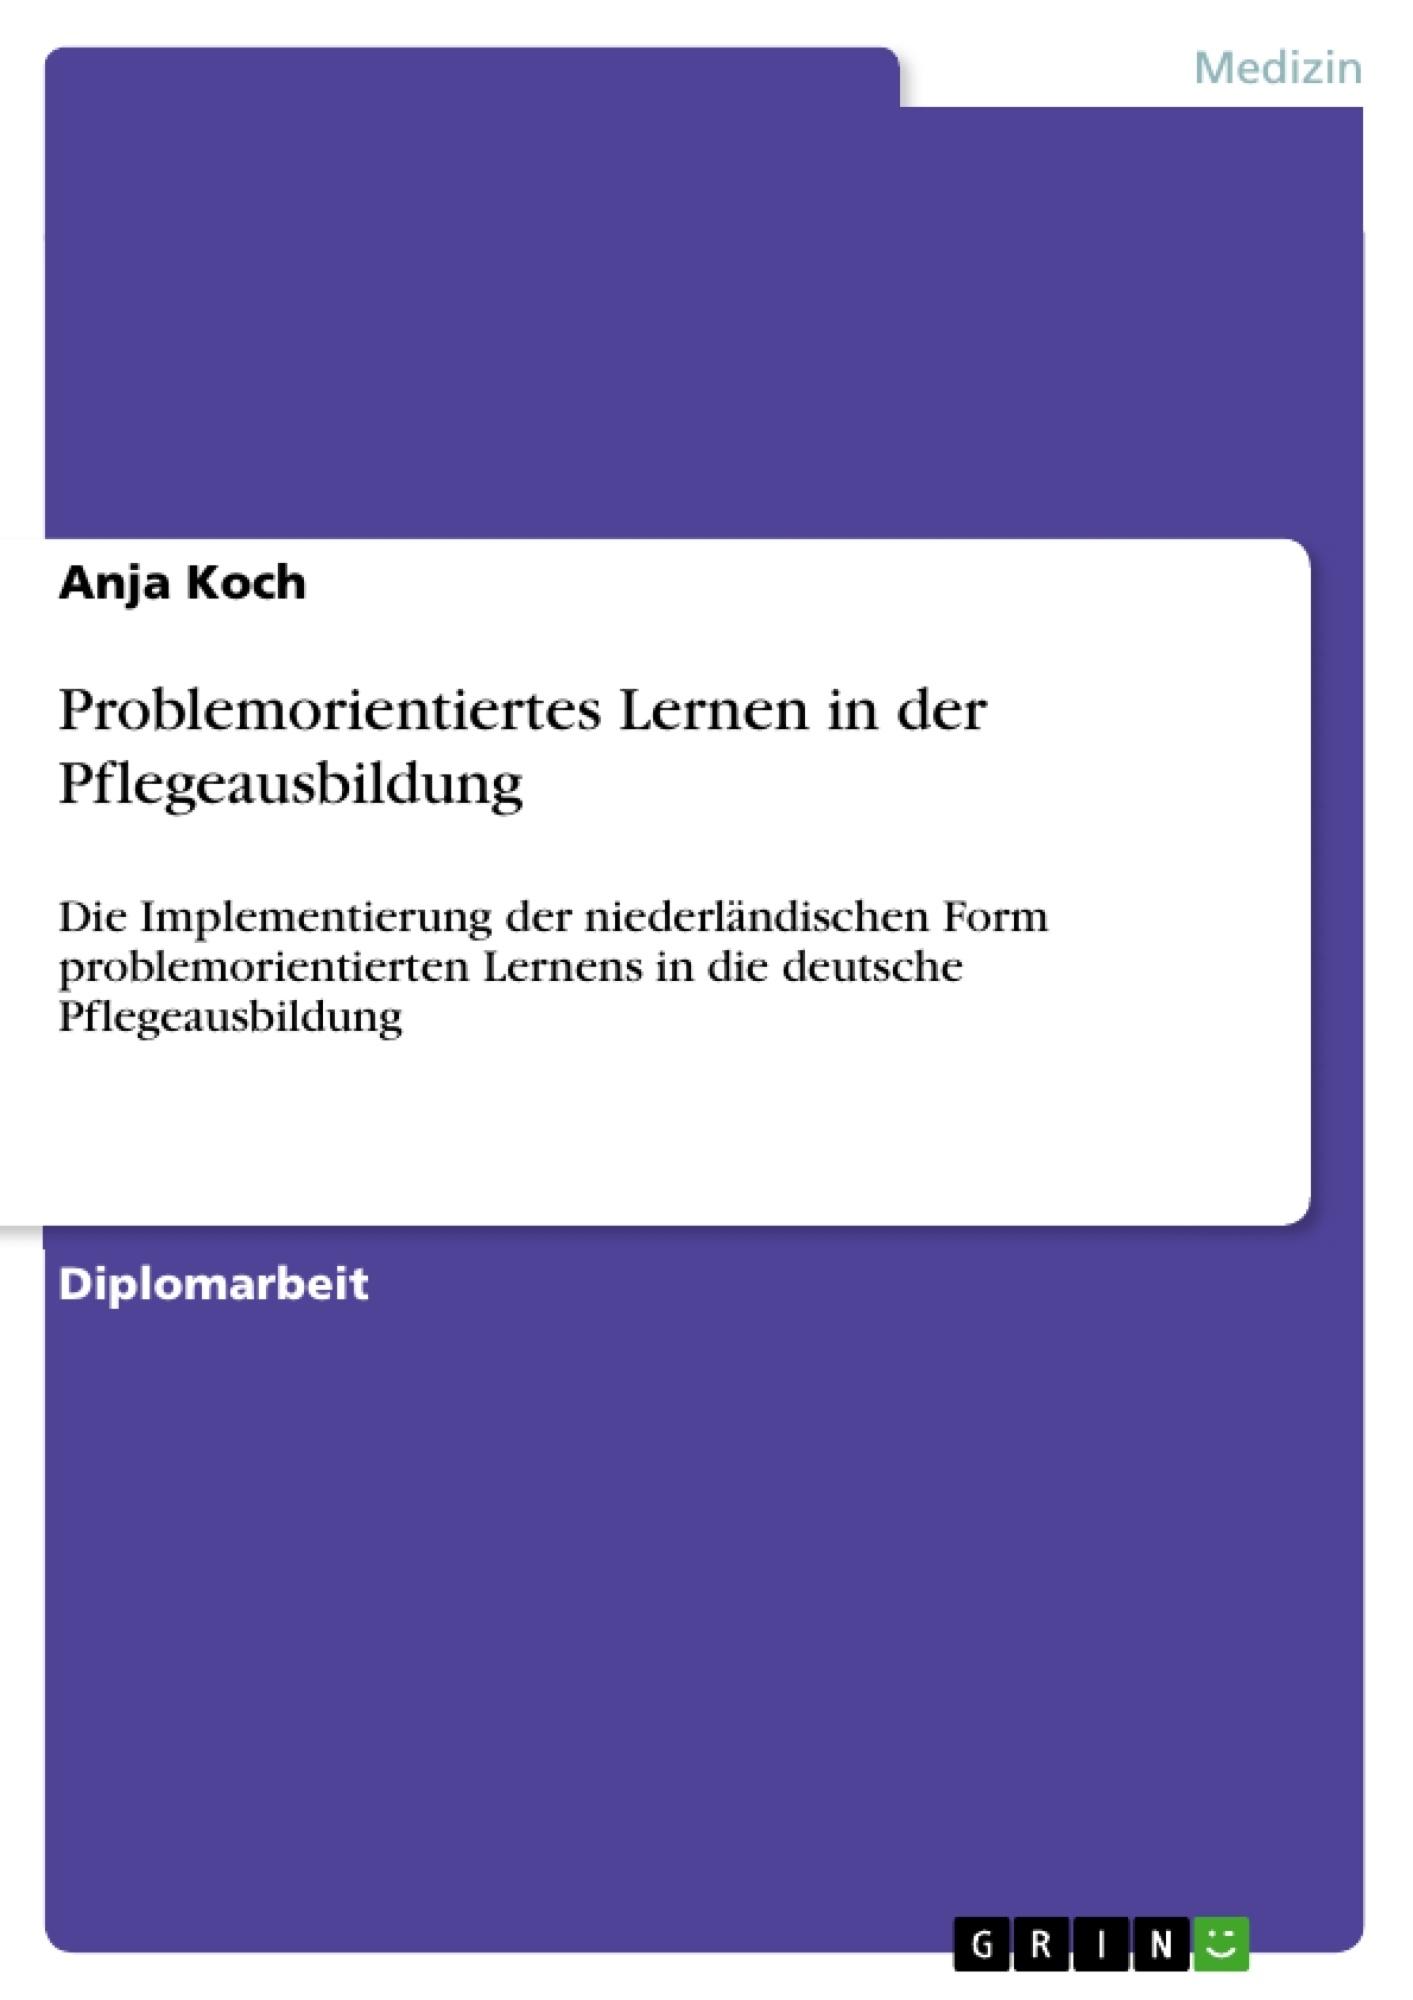 Titel: Problemorientiertes Lernen in der Pflegeausbildung